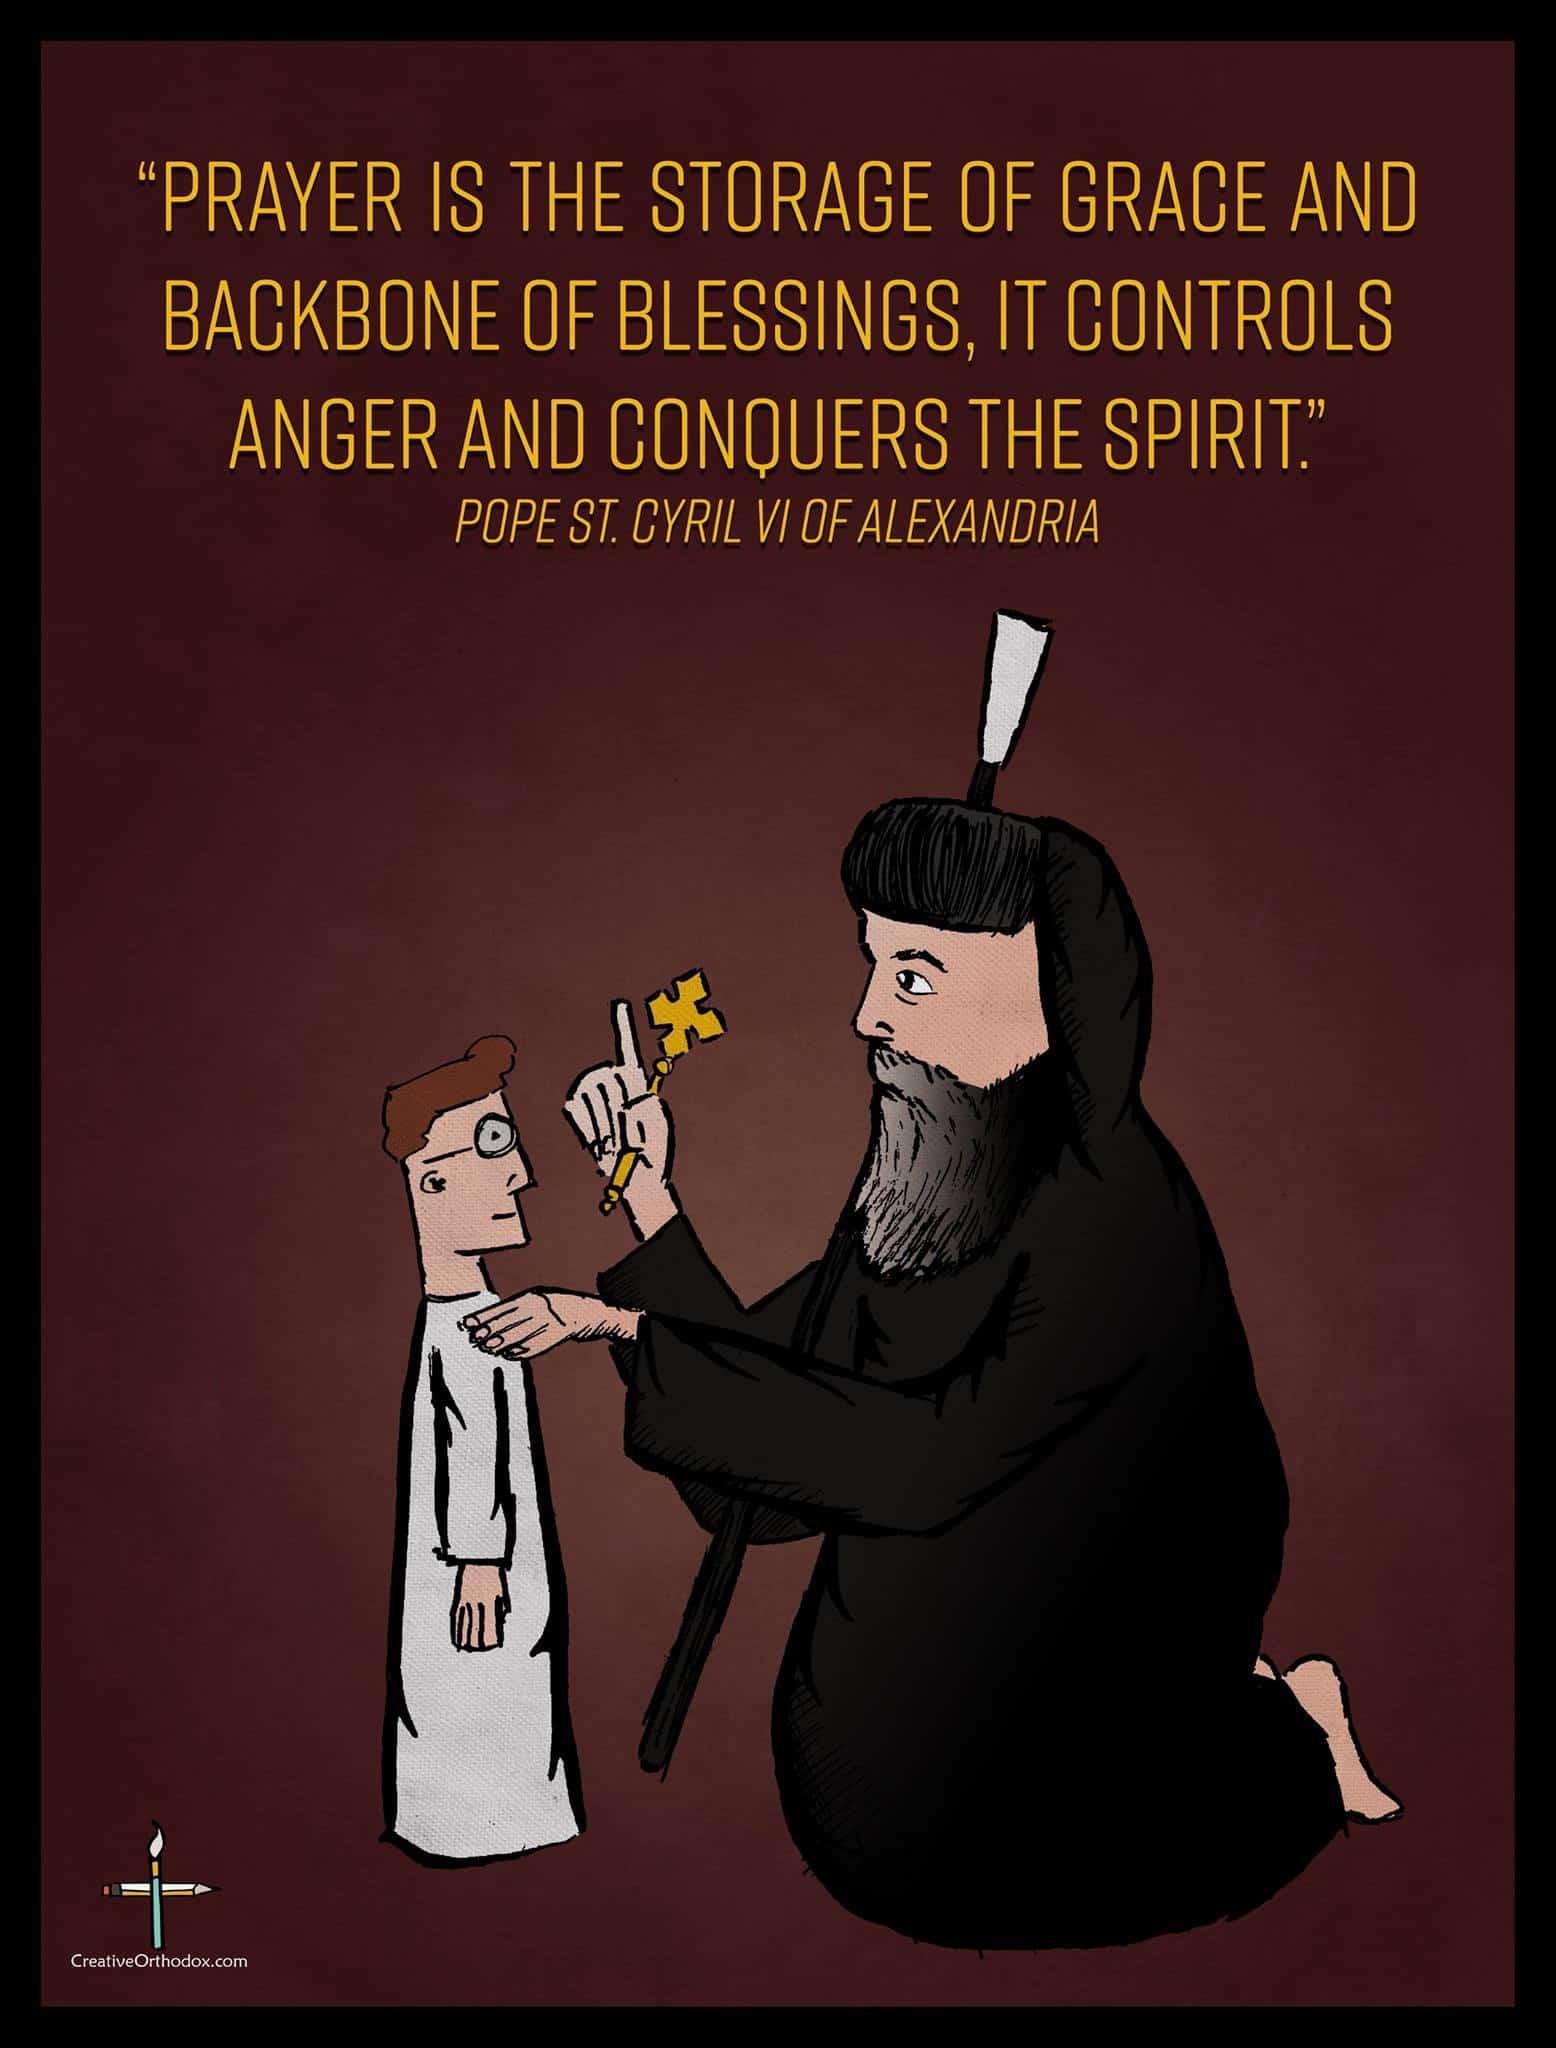 Saint Pope Kyrillos on Prayer